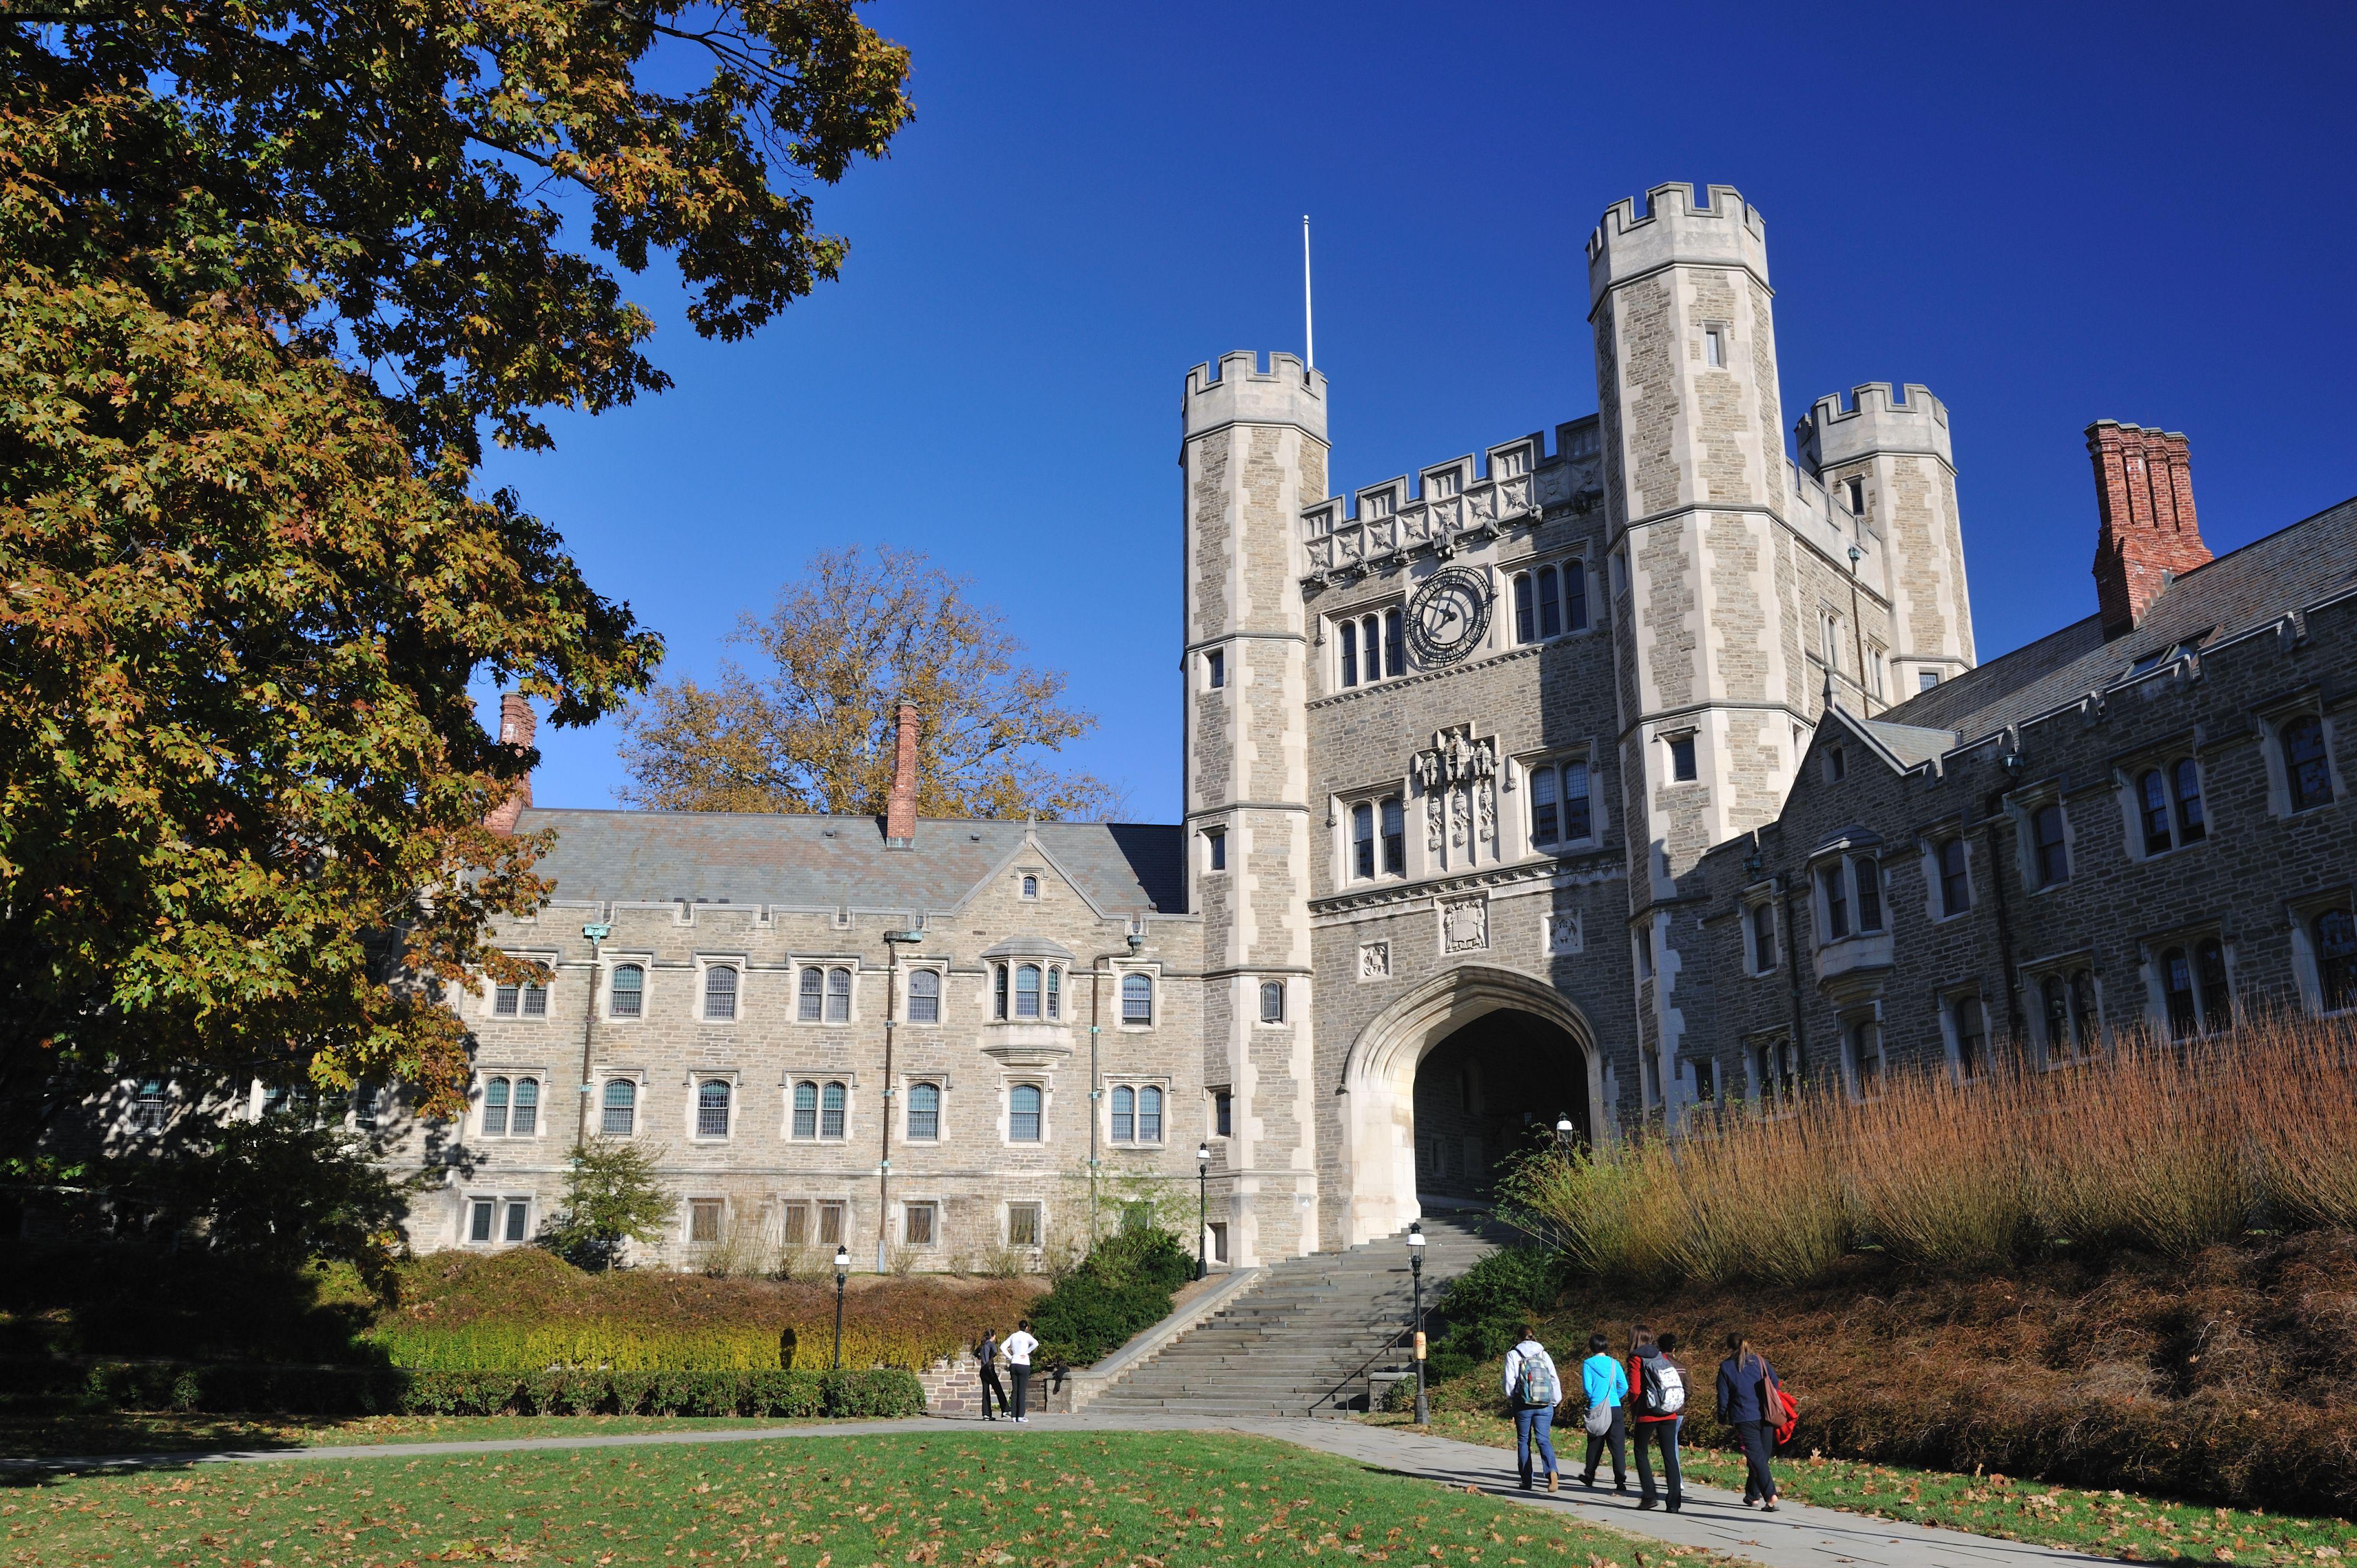 Blair Hall in Princeton University